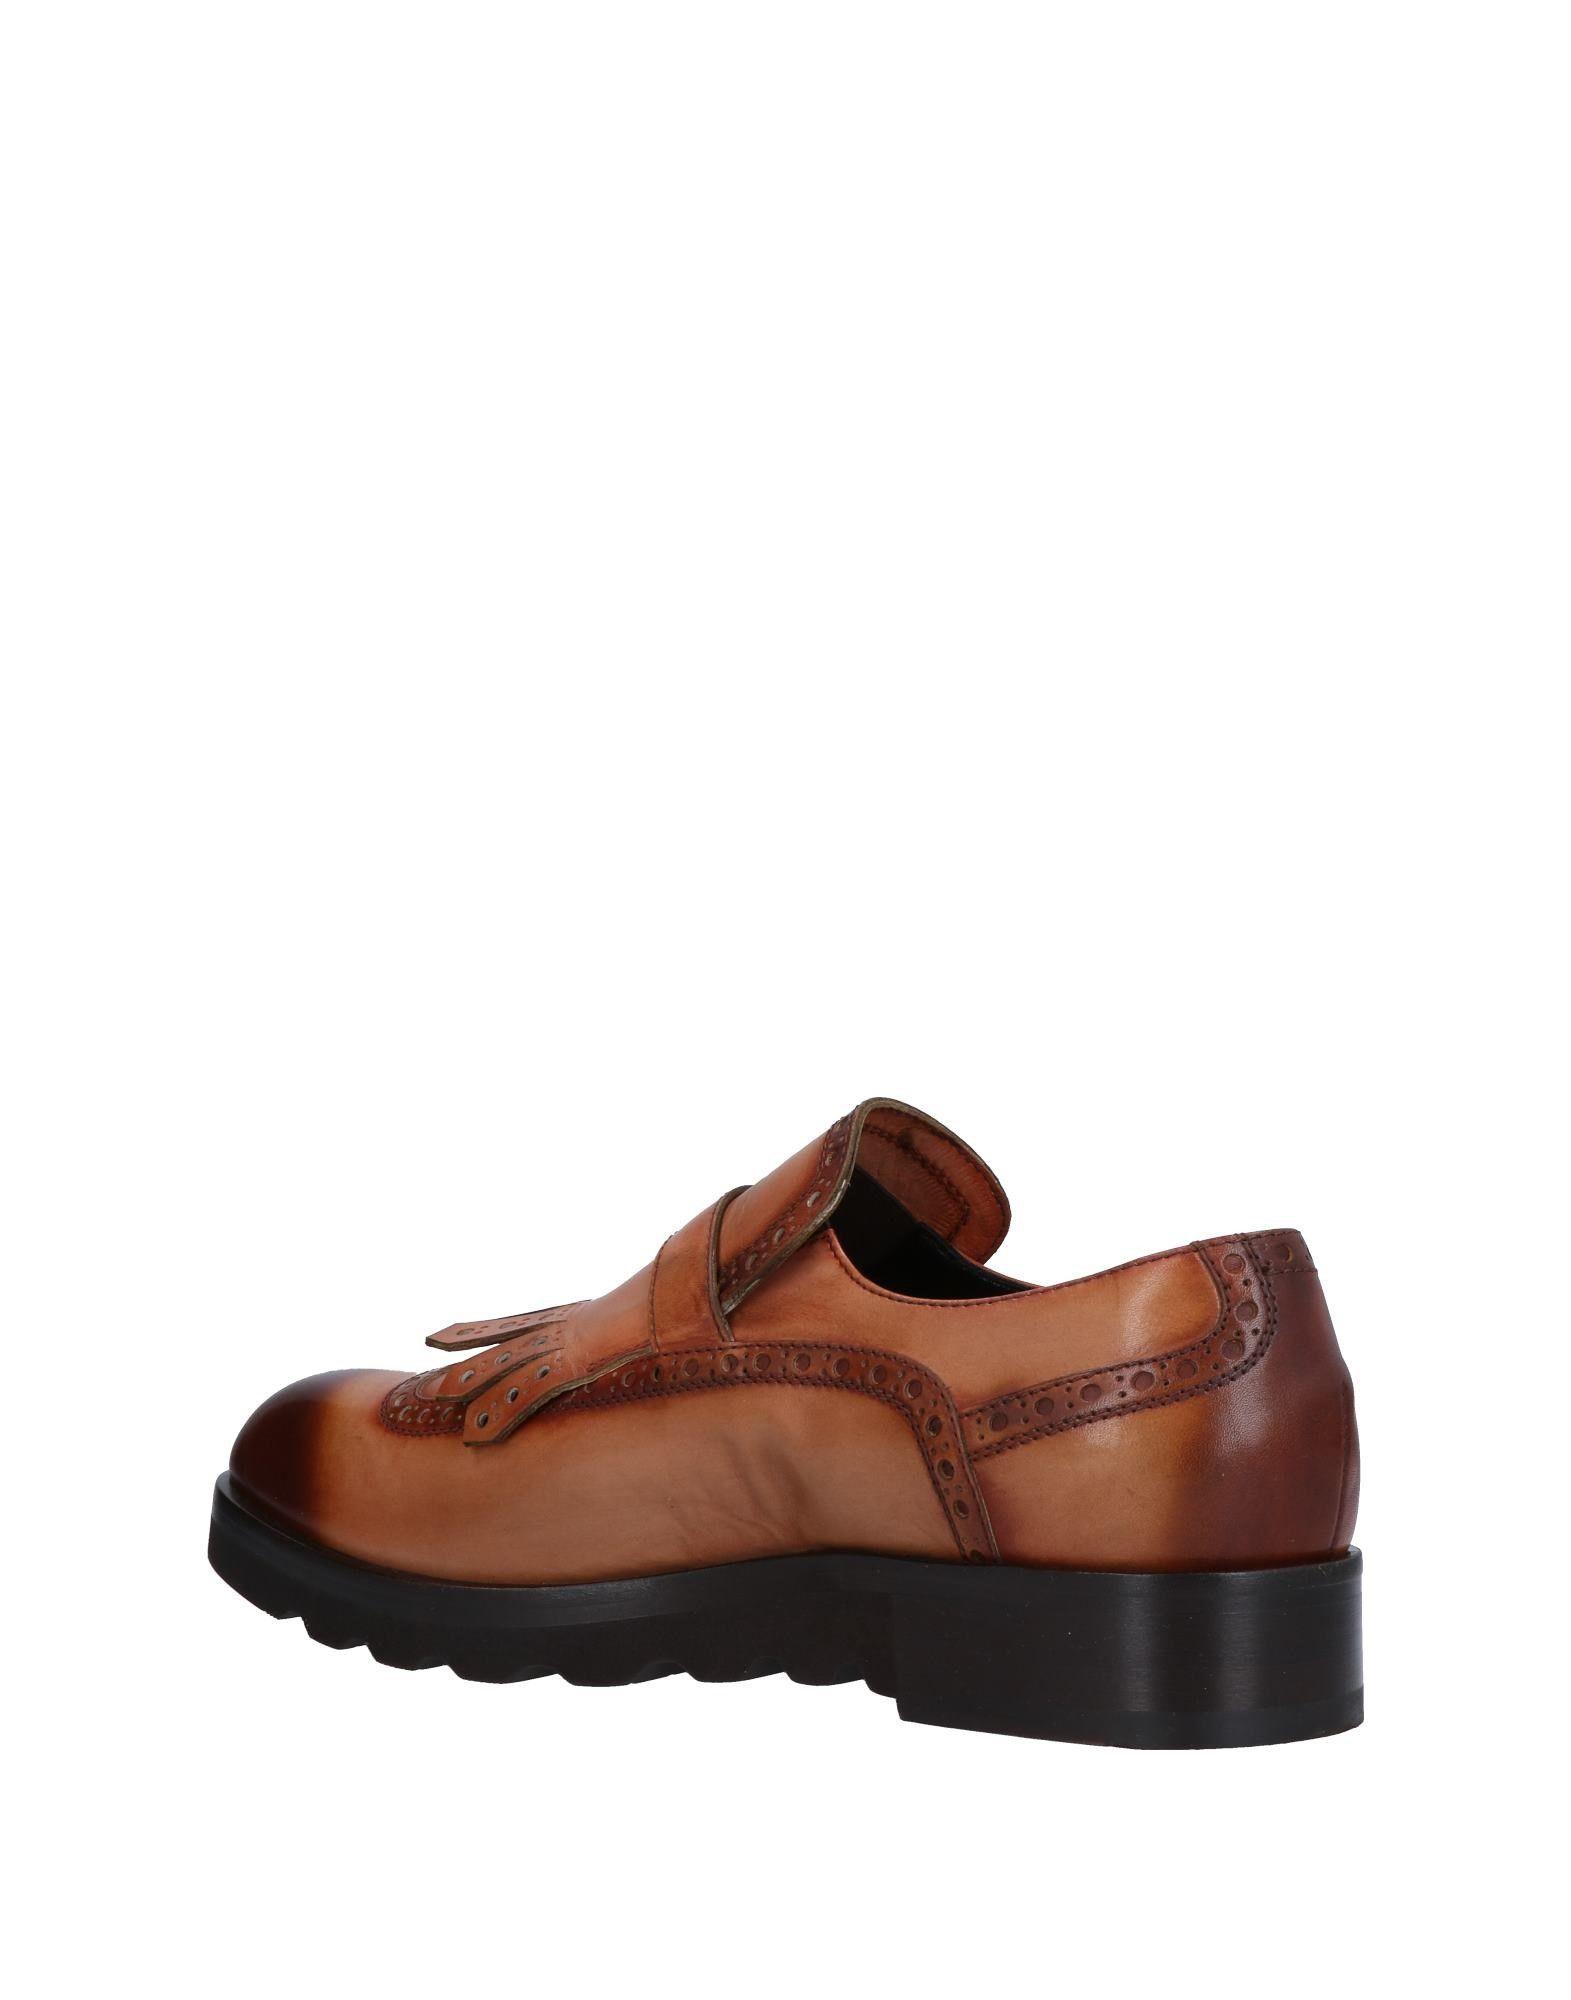 Cesare Paciotti Mokassins Herren beliebte  11507040FF Gute Qualität beliebte Herren Schuhe 248eb0